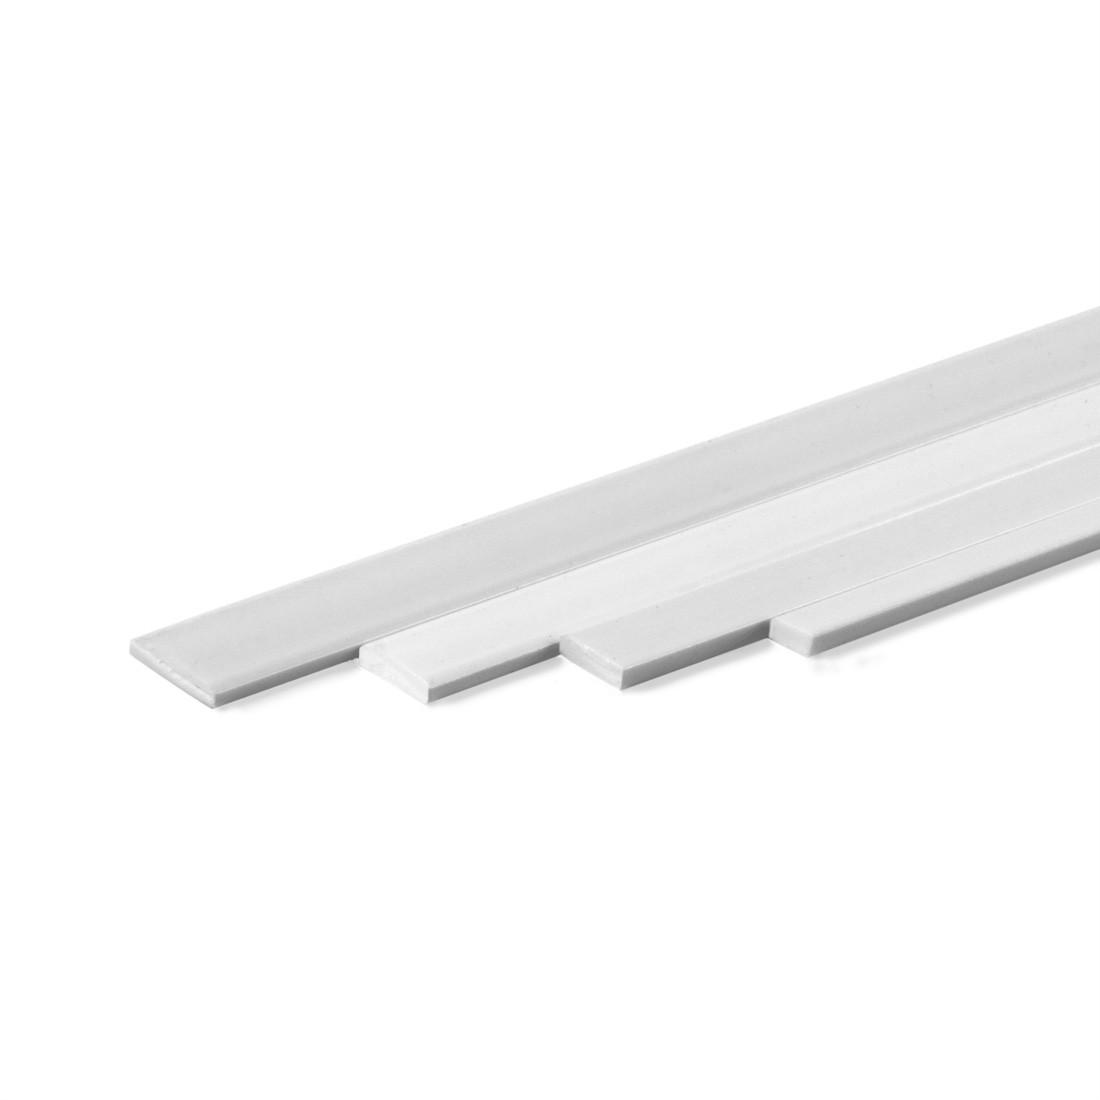 Perfil rectangular ASA mm.1x3x1000